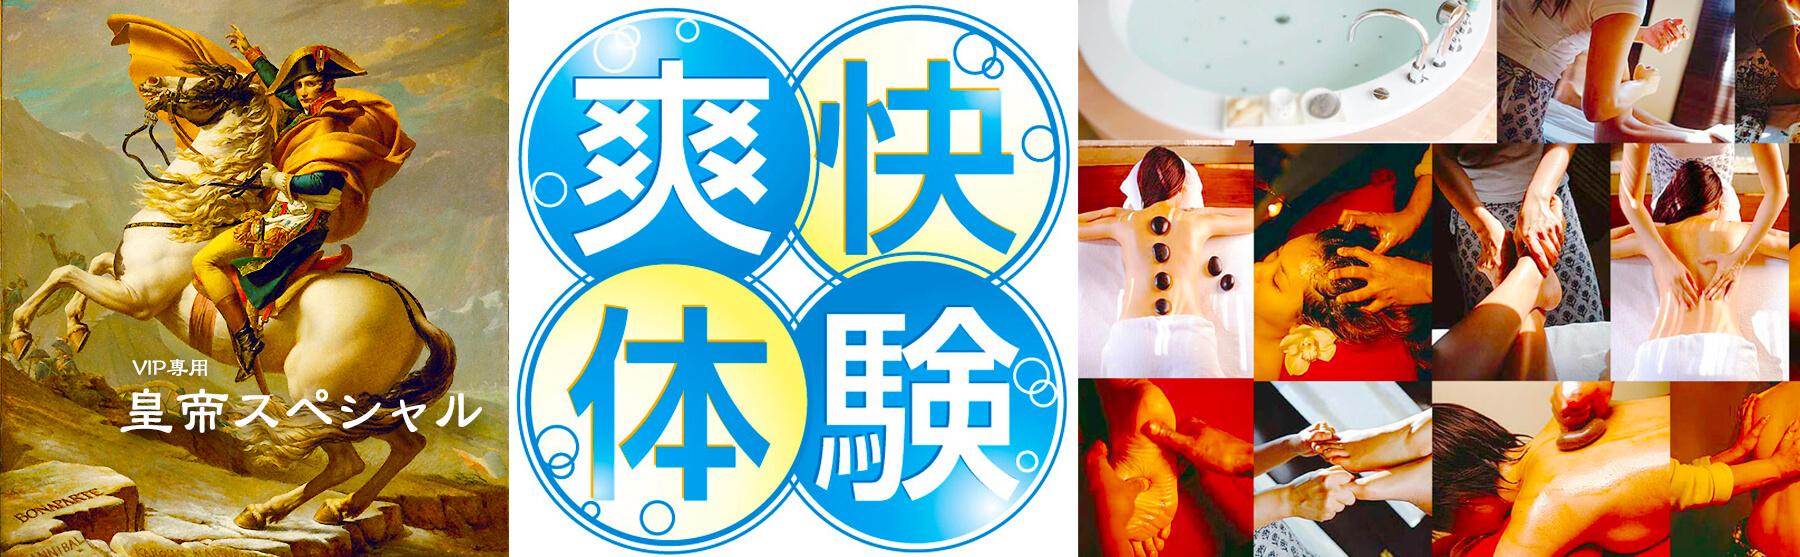 埼玉県、大宮に来たらココ!貴方を癒すマッサージ委員会